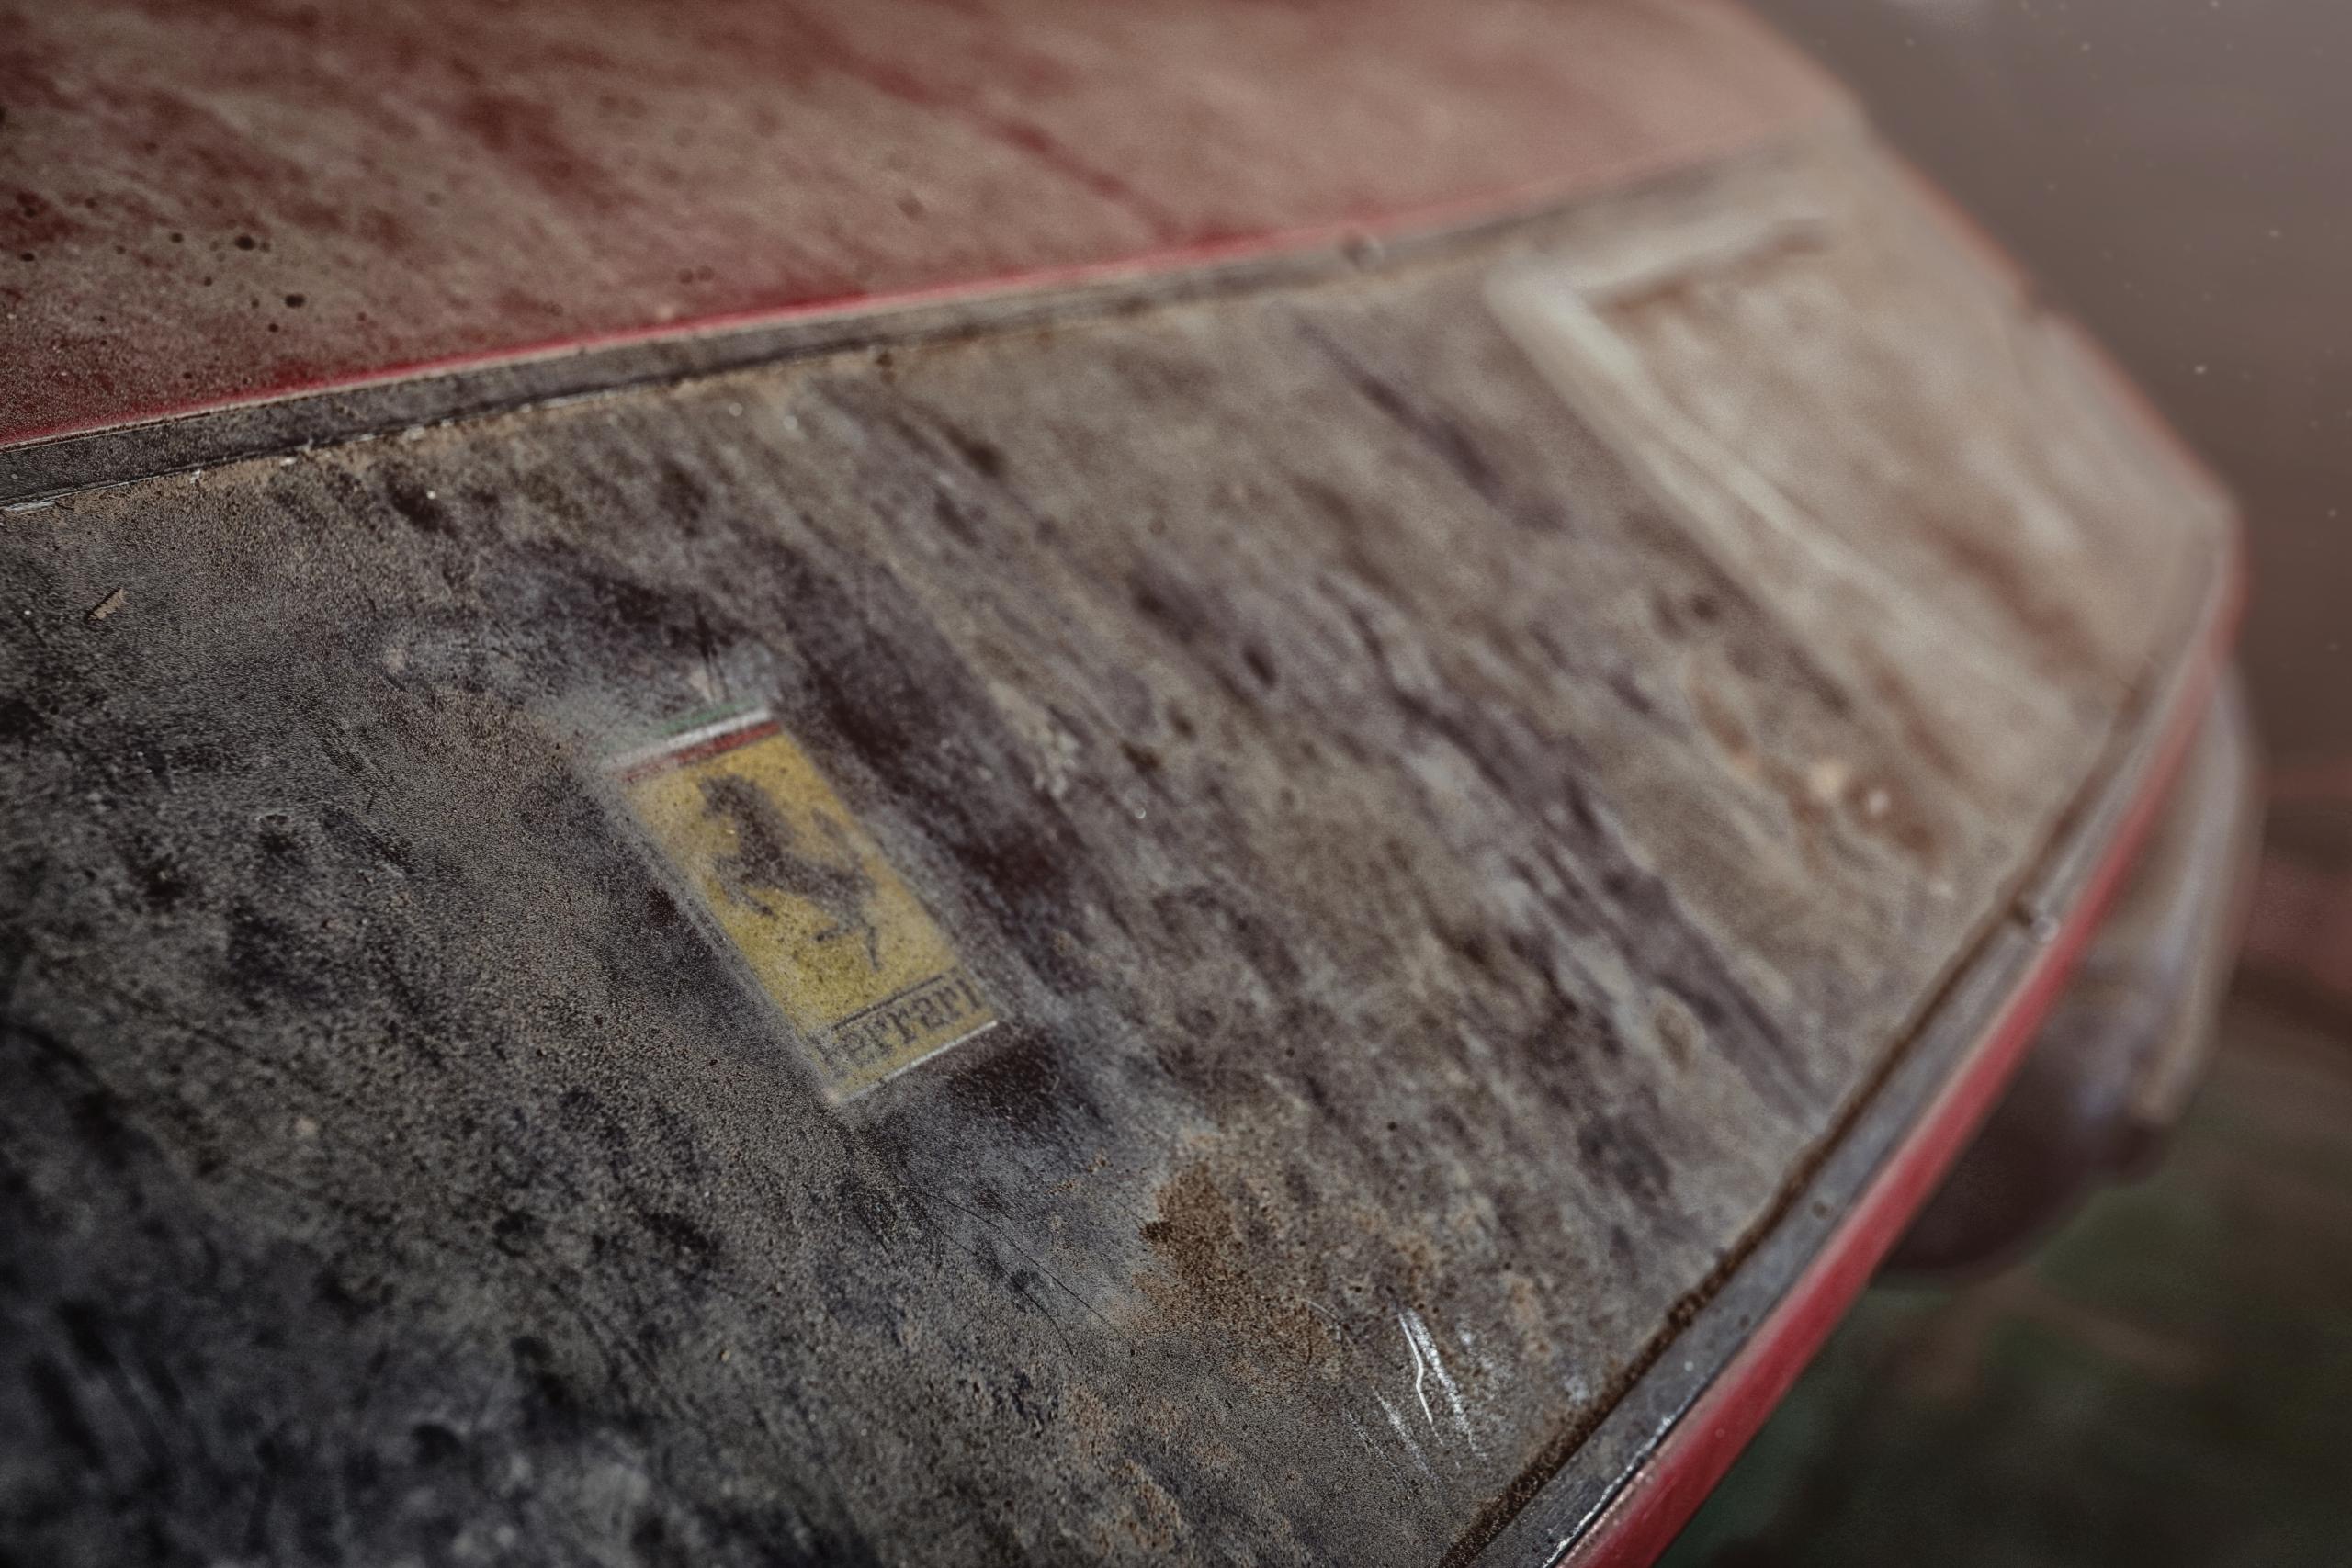 Ferrari 365 GTB/4 'Daytona' barn find badge